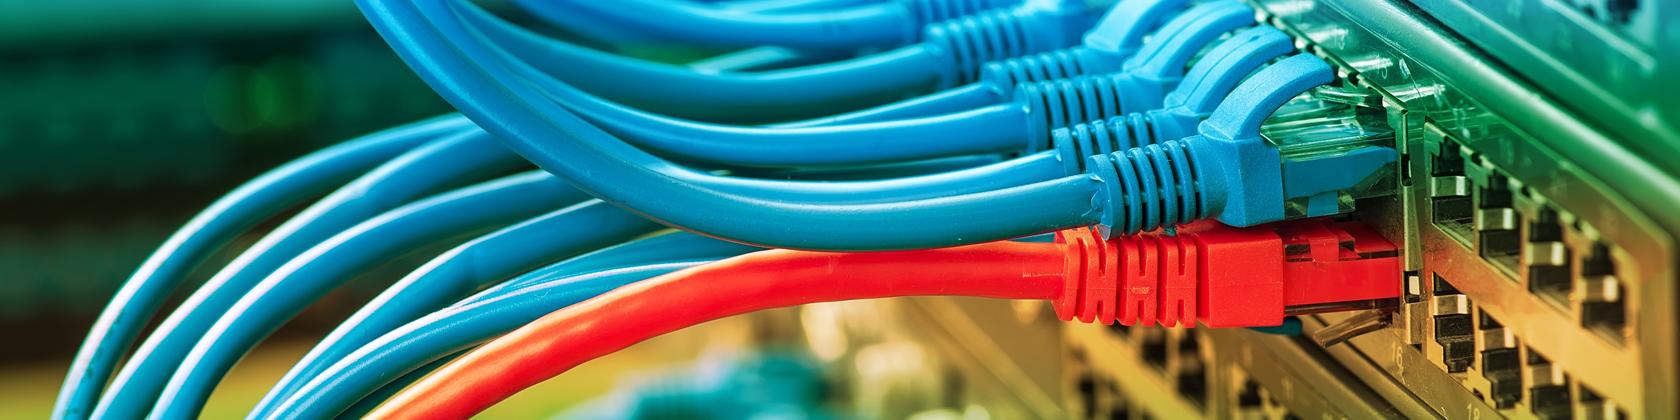 Elektrosmog reduzieren durch effiziente Kabelsysteme